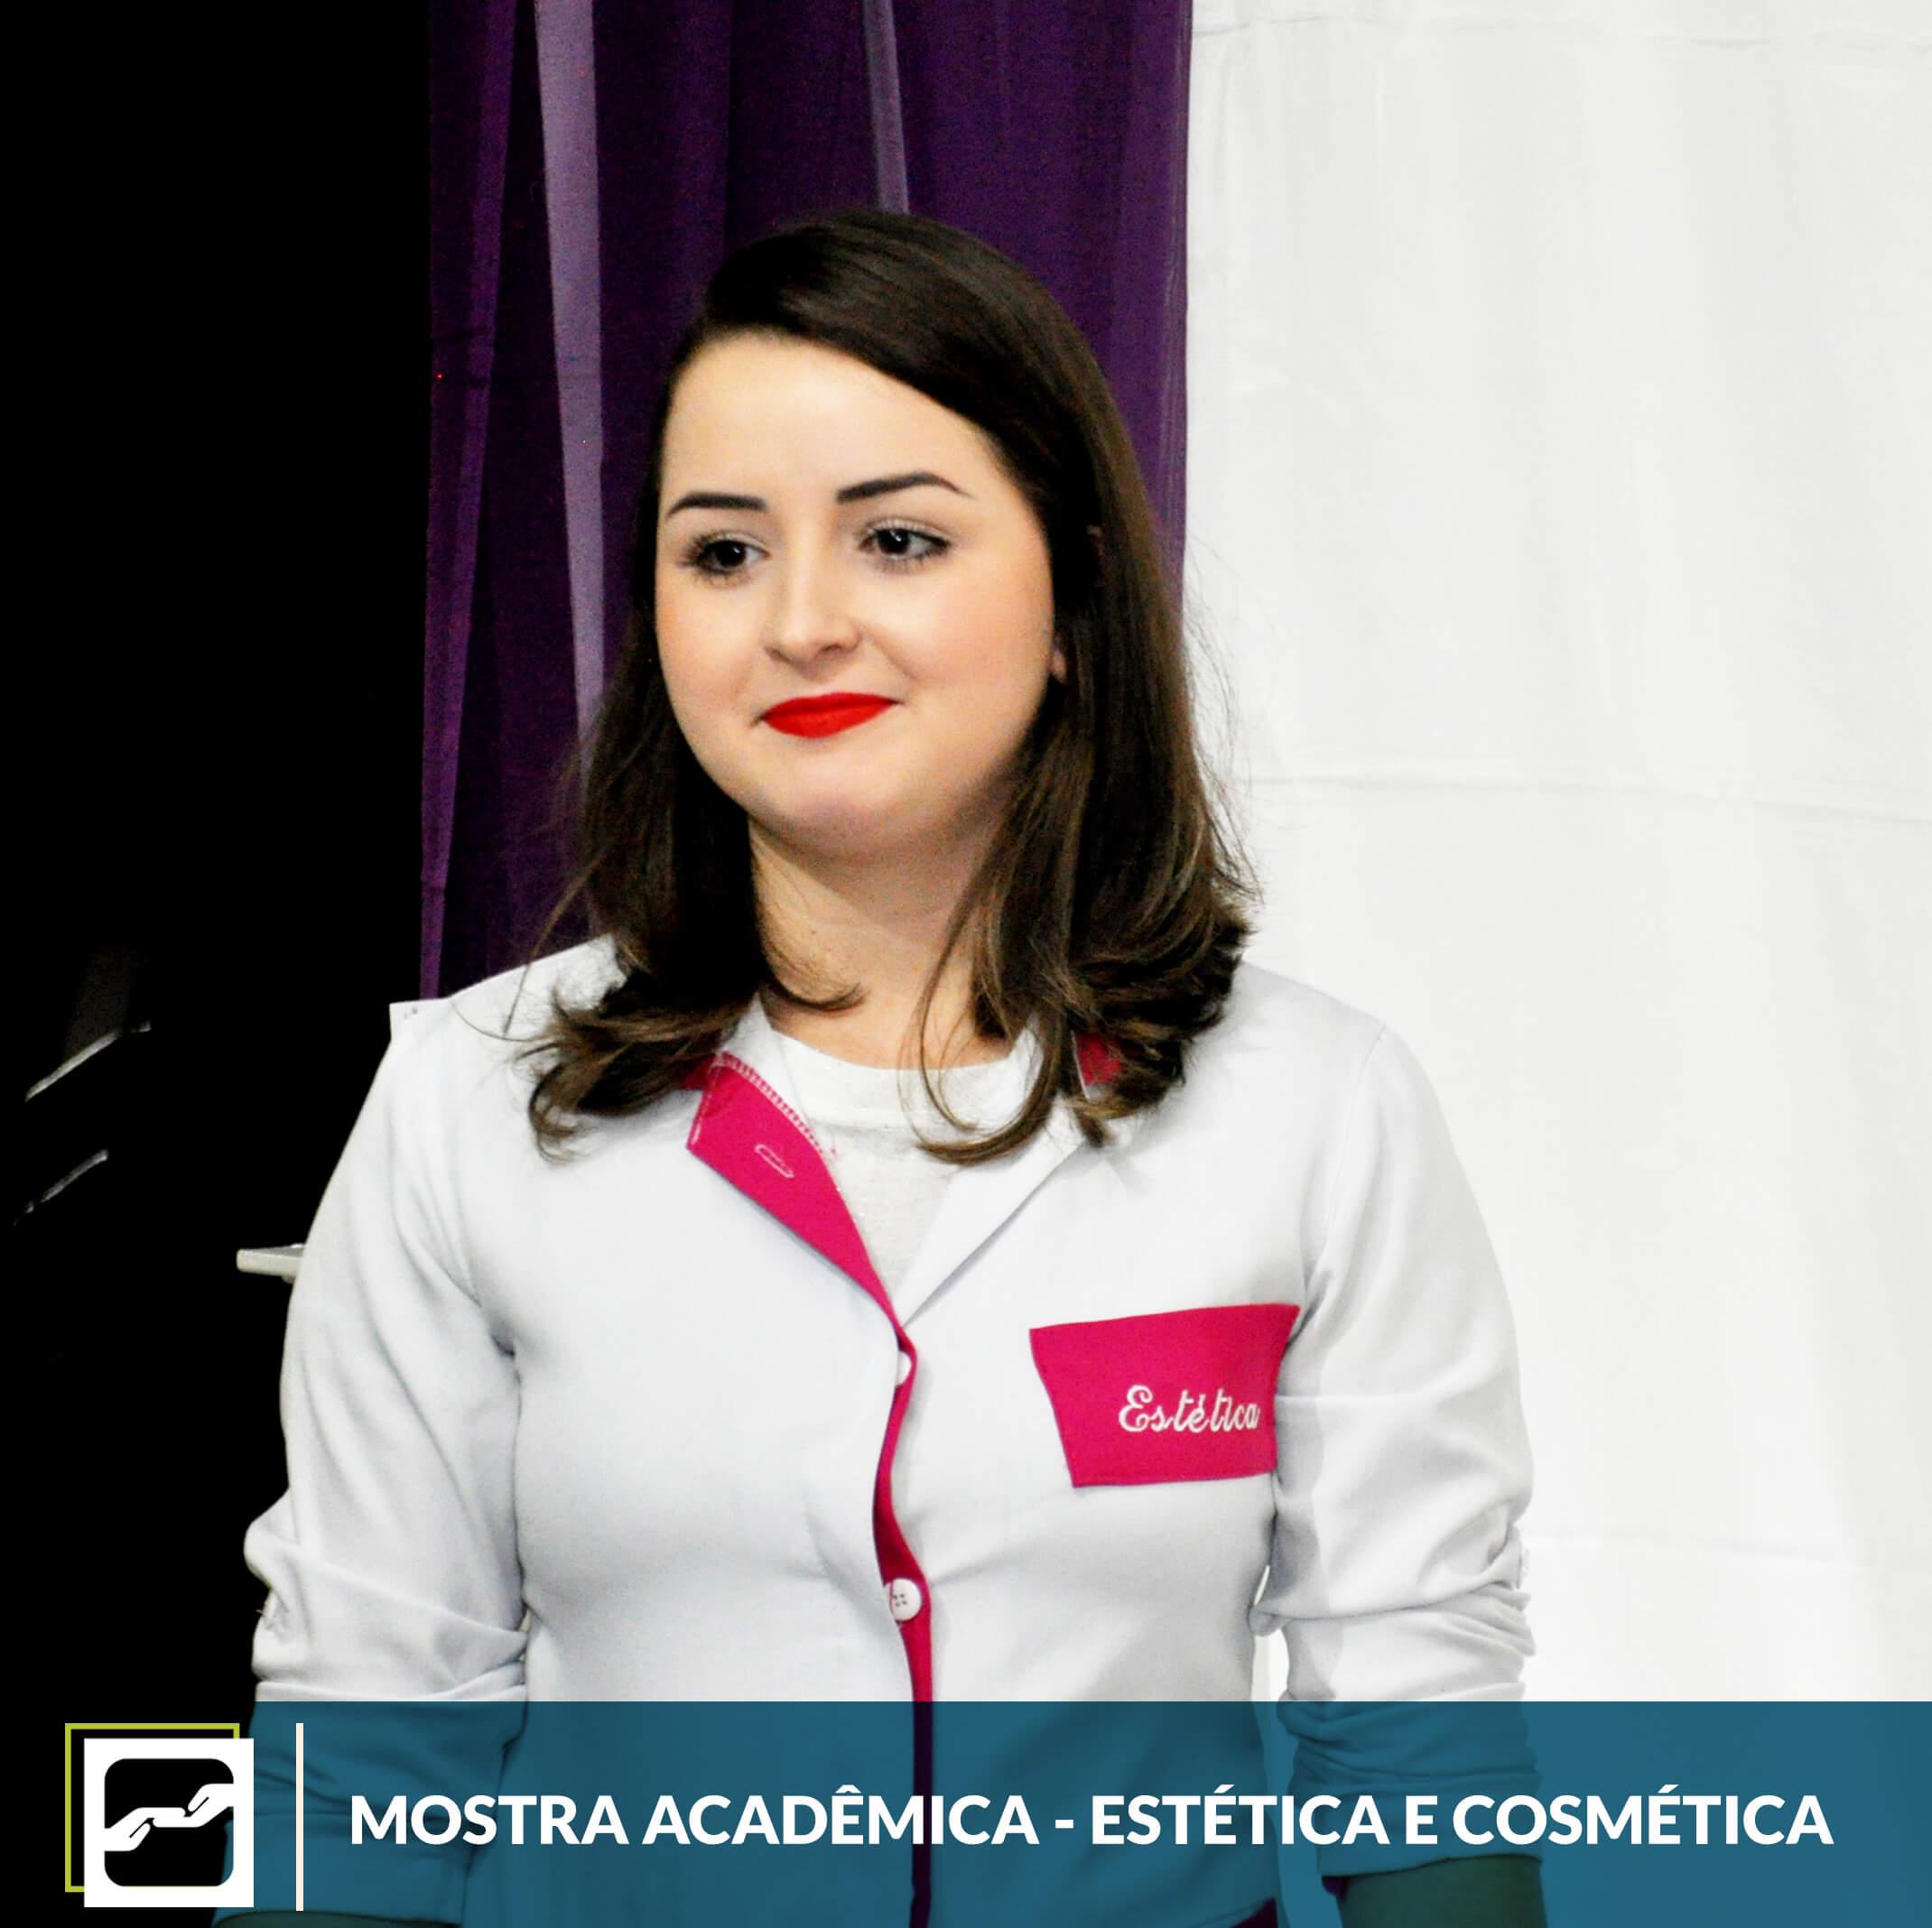 mostra-academia-estetica-cosmetica-famesp-34